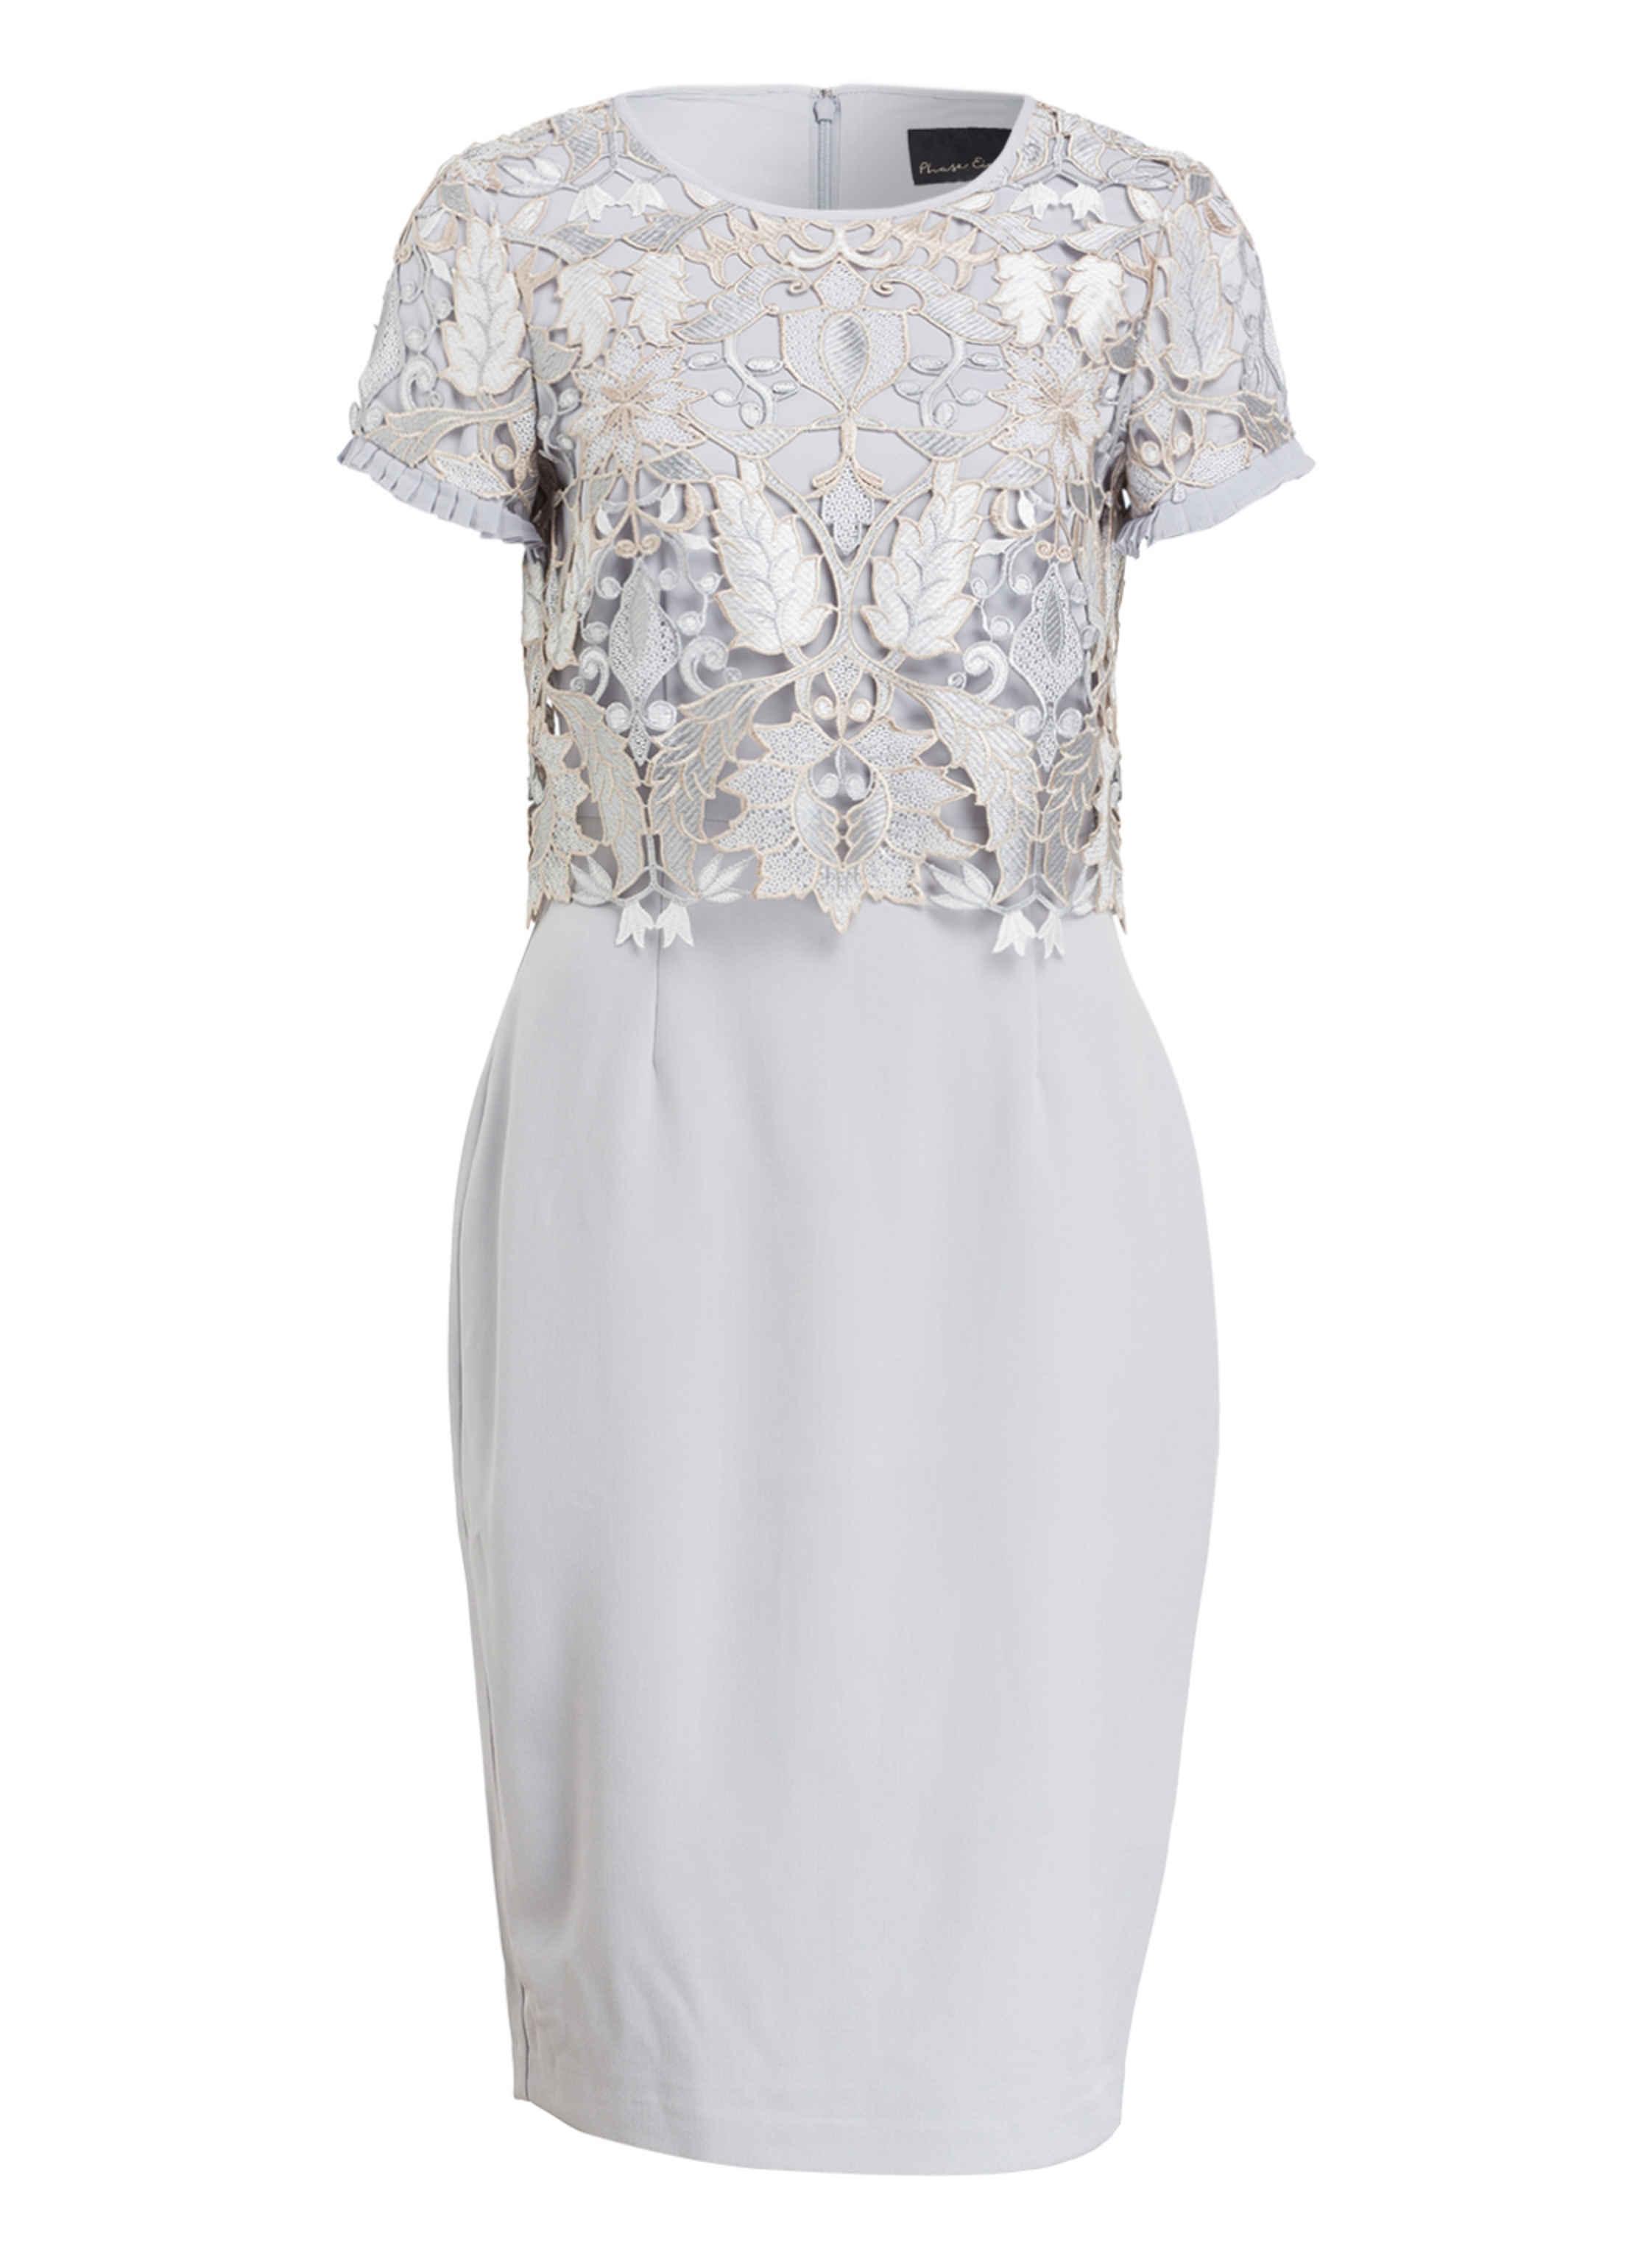 Kleid SUKI von Phase Eight bei Breuninger kaufen